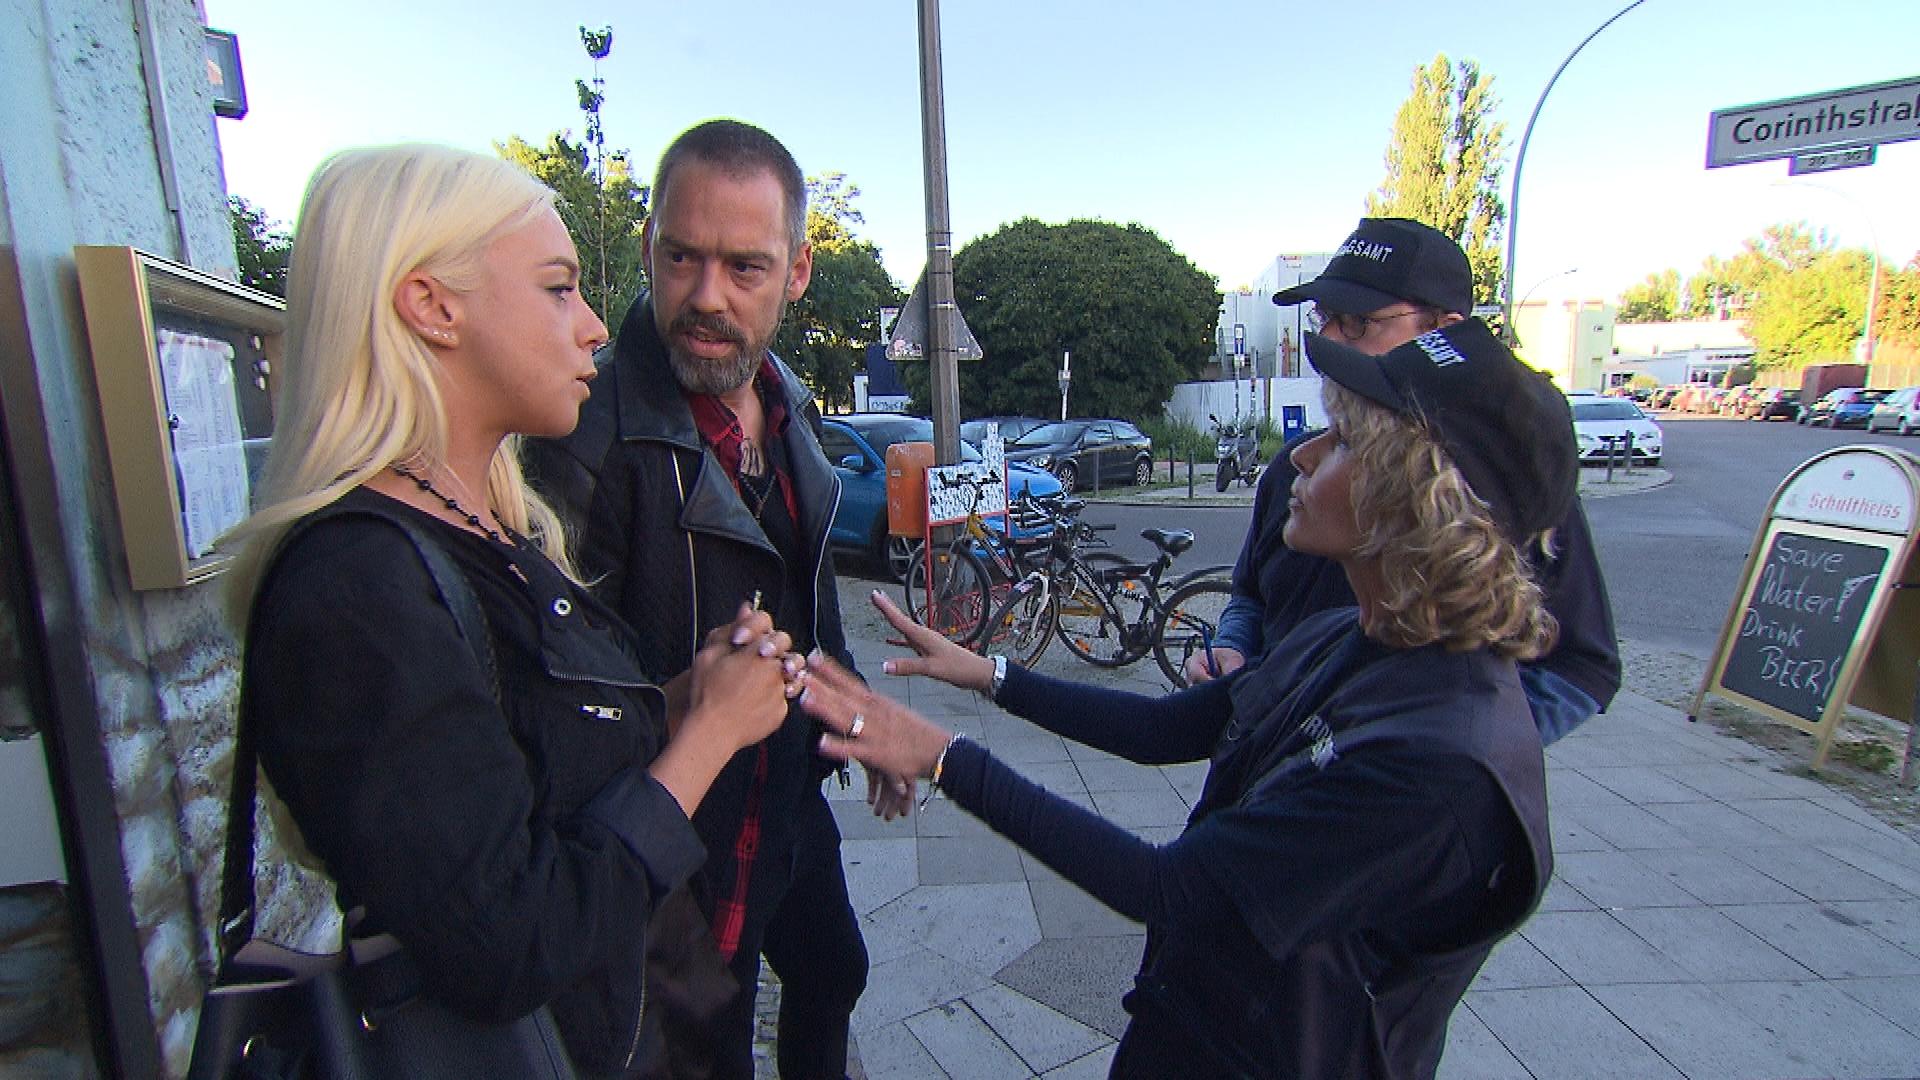 Peggy (li.) gerät in eine unangenehme Situation, als sie sich von Theo (2ter li.) zu einem Schäferstündchen auf offener Straße überreden lässt und die beiden prompt von der Polizei erwischt werden. (Quelle: RTL 2)